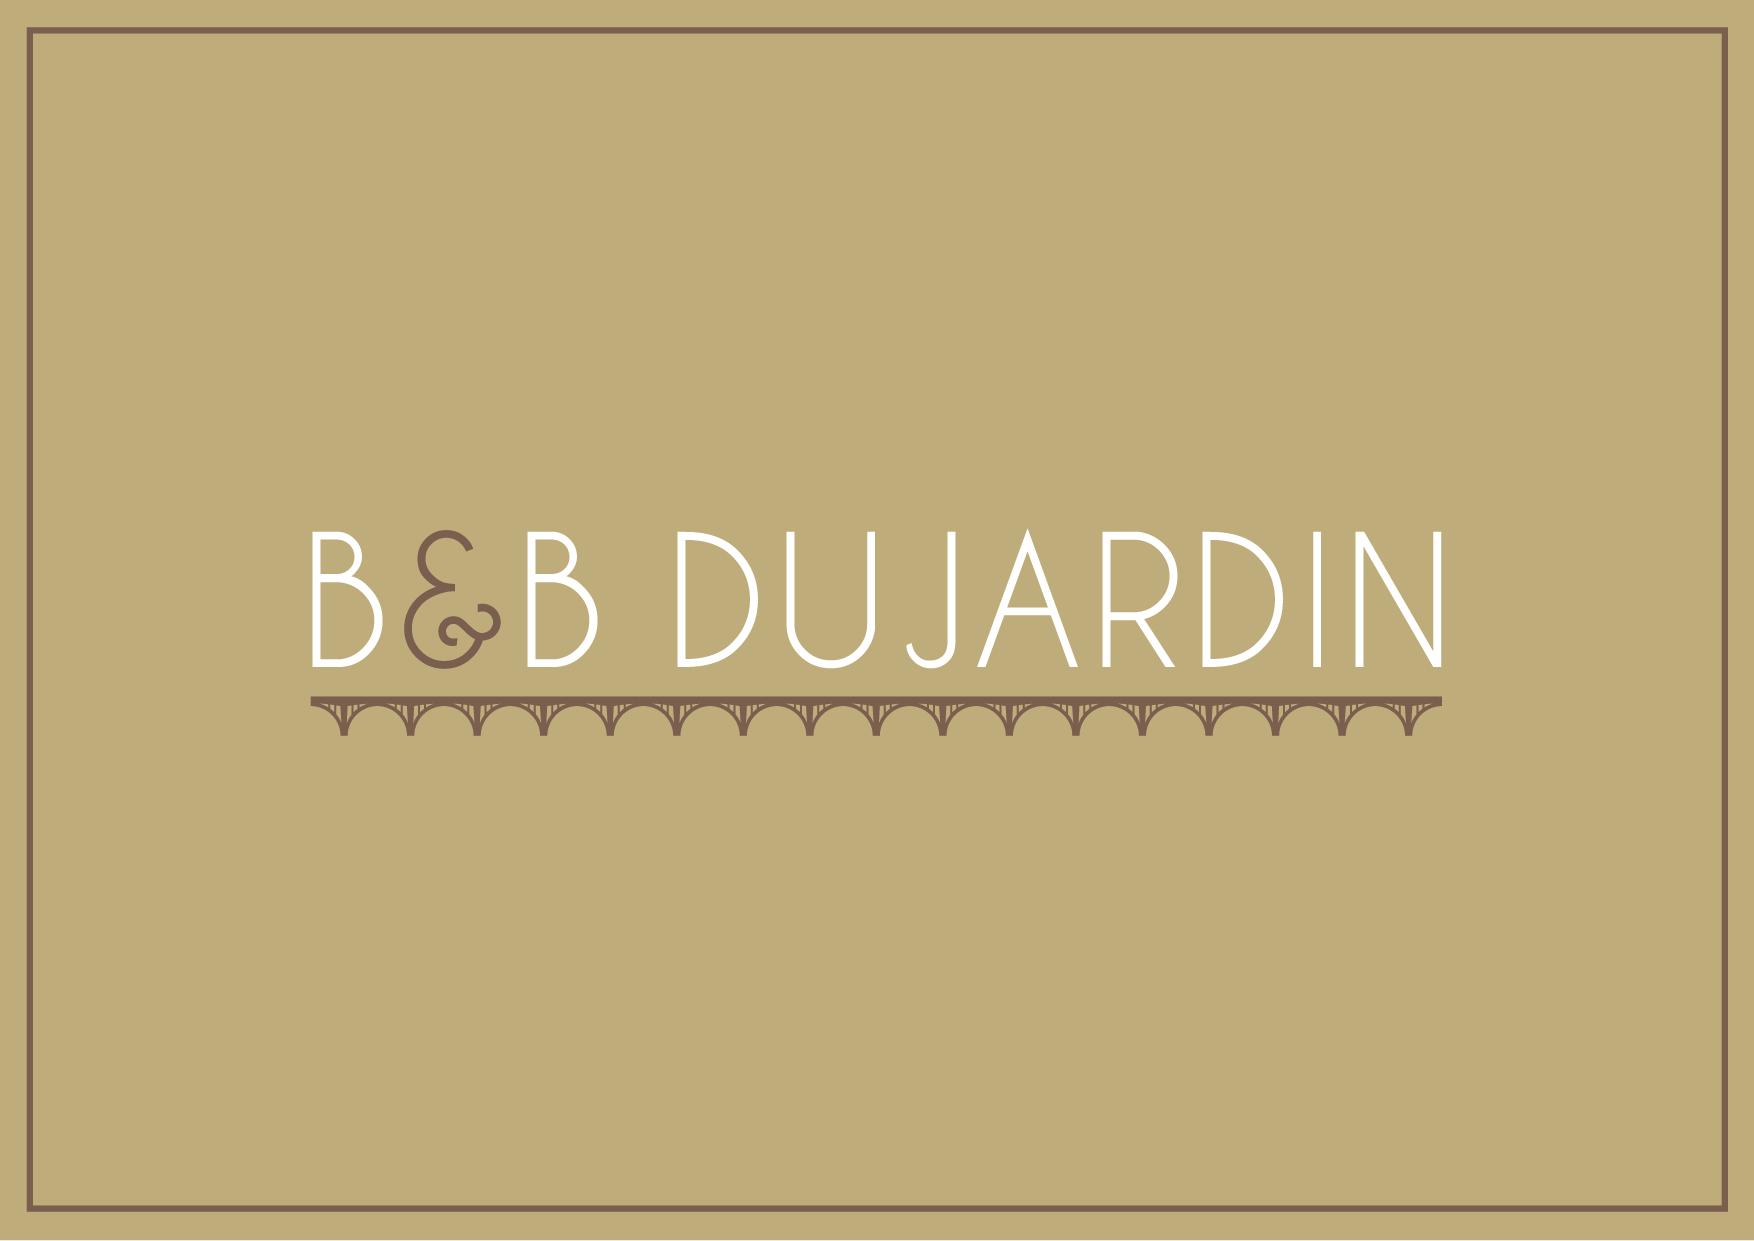 B&B Dujardin, Itterbeek